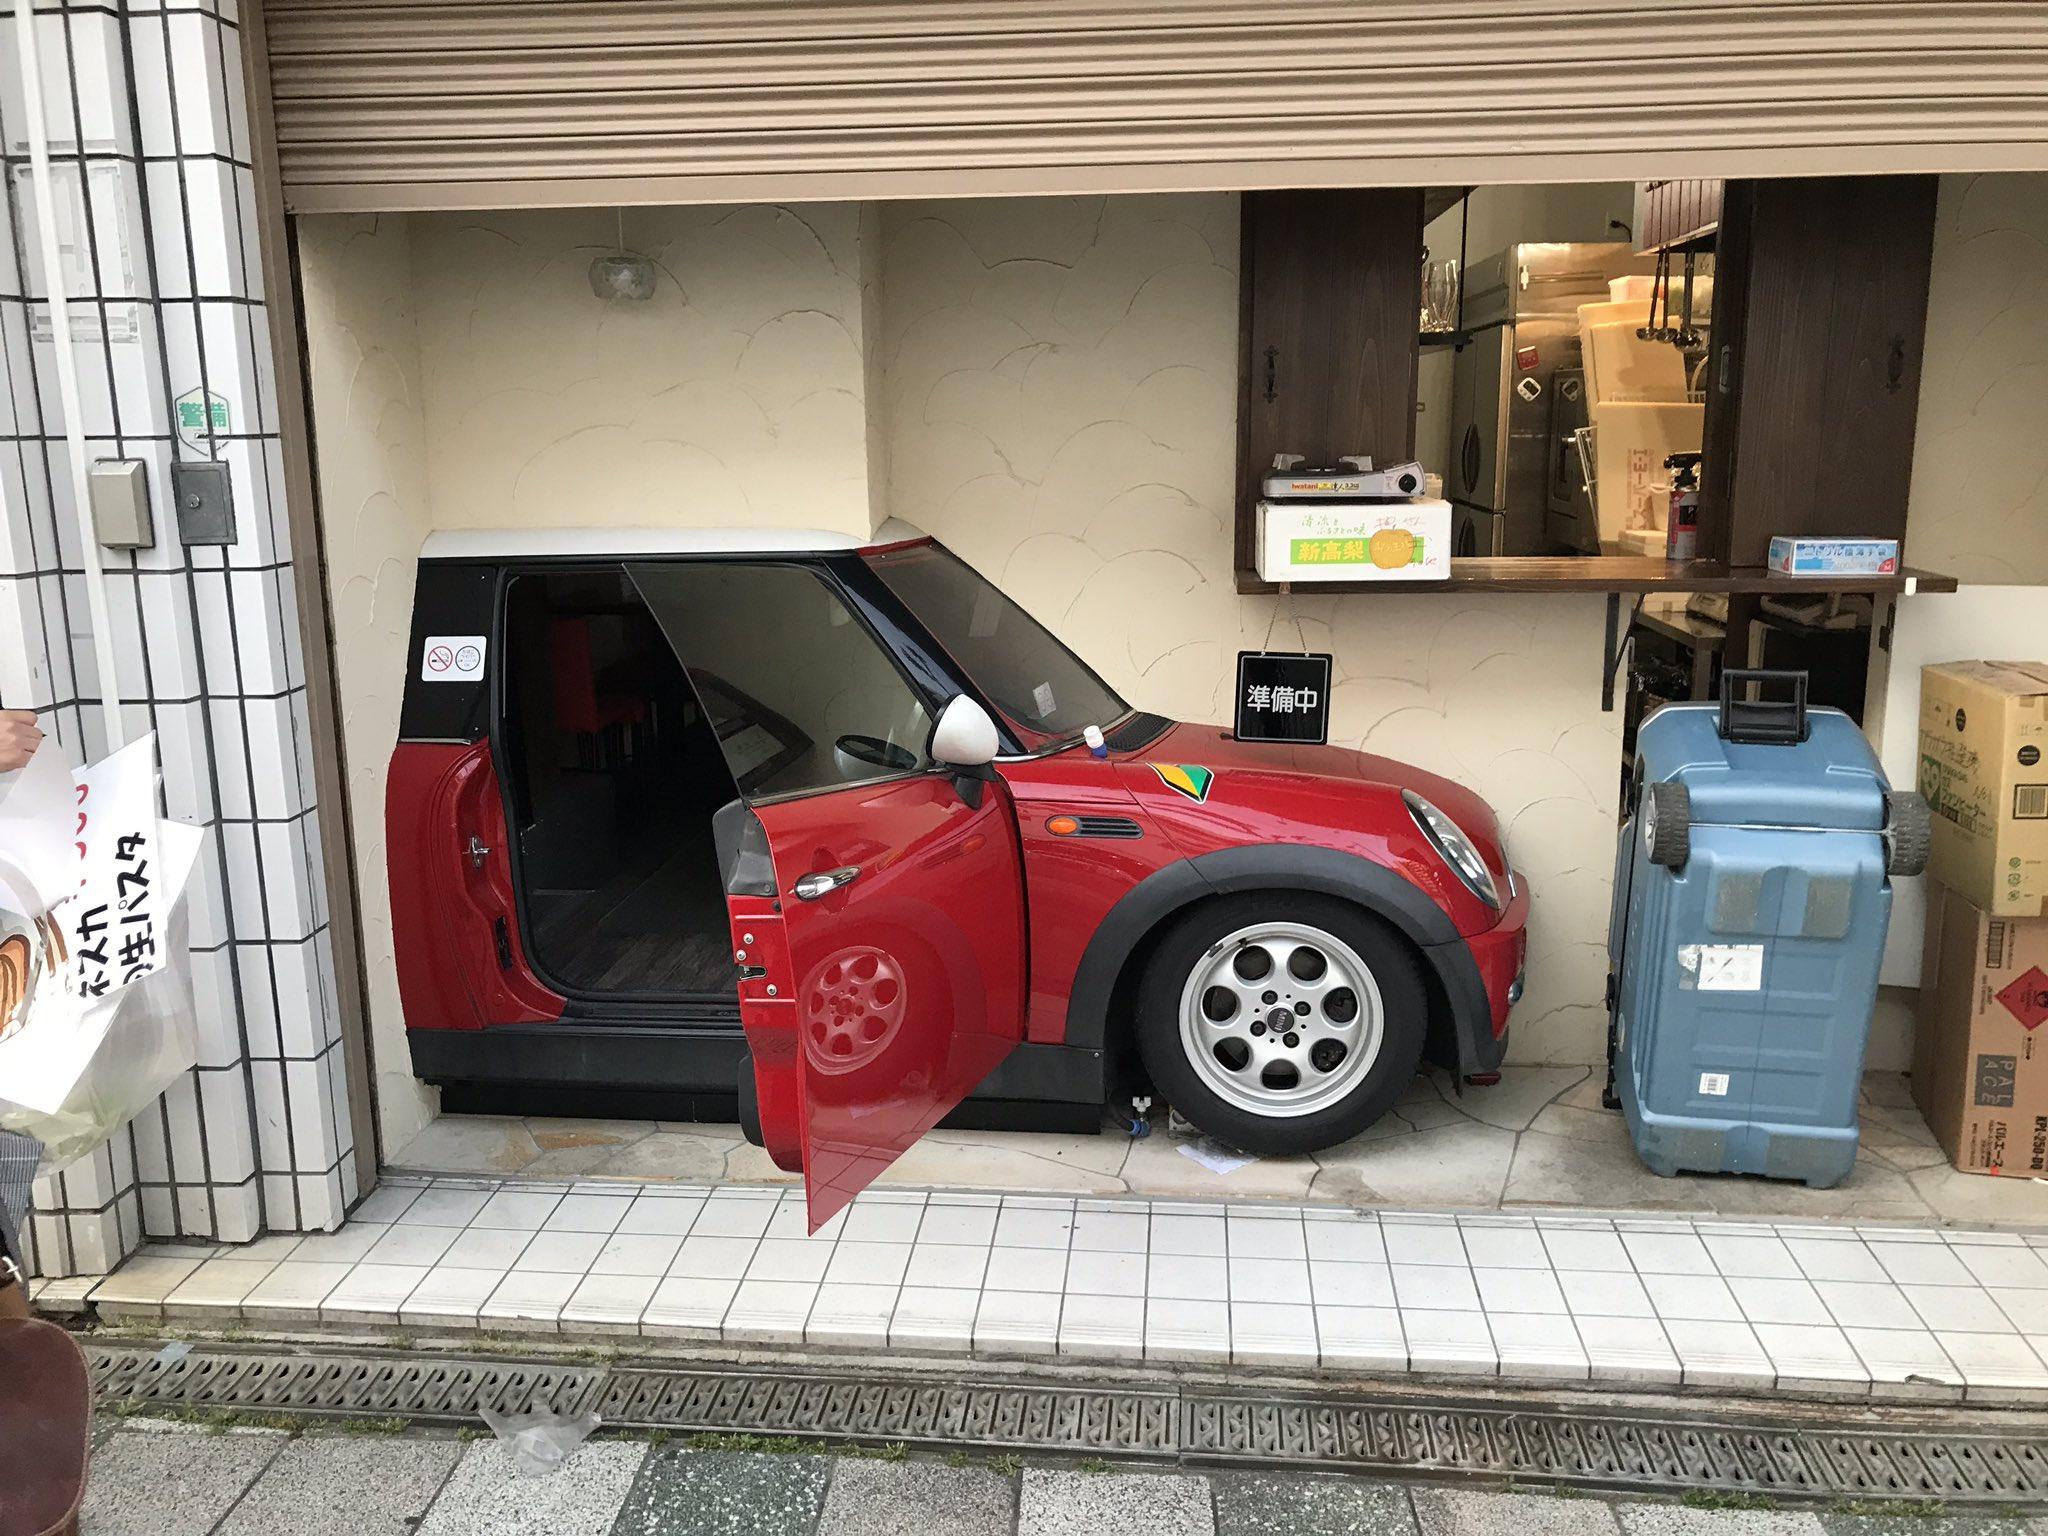 吹田駅の目の前にあるカレーのお店。 自分でミニを購入してぶった切って 入り口にしちゃったらしいよ。 6/1からOPENだって!